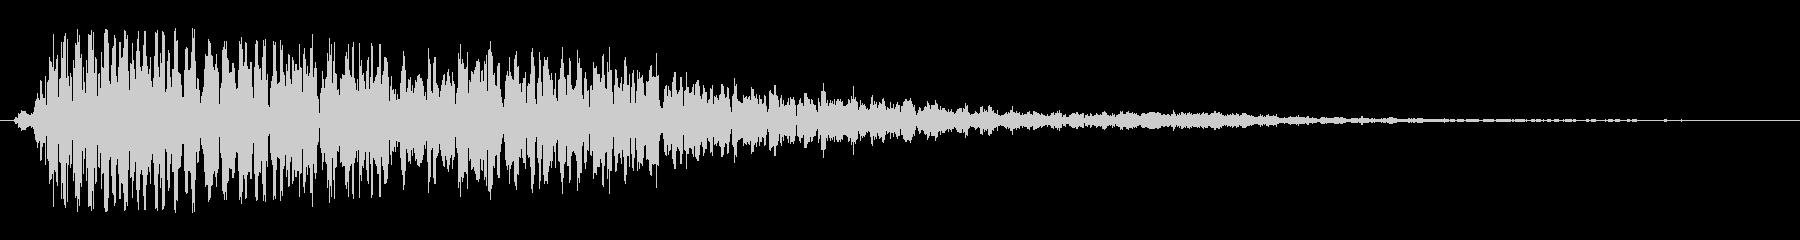 シンセ音を重ねた和音系のオシャレな効果音の未再生の波形